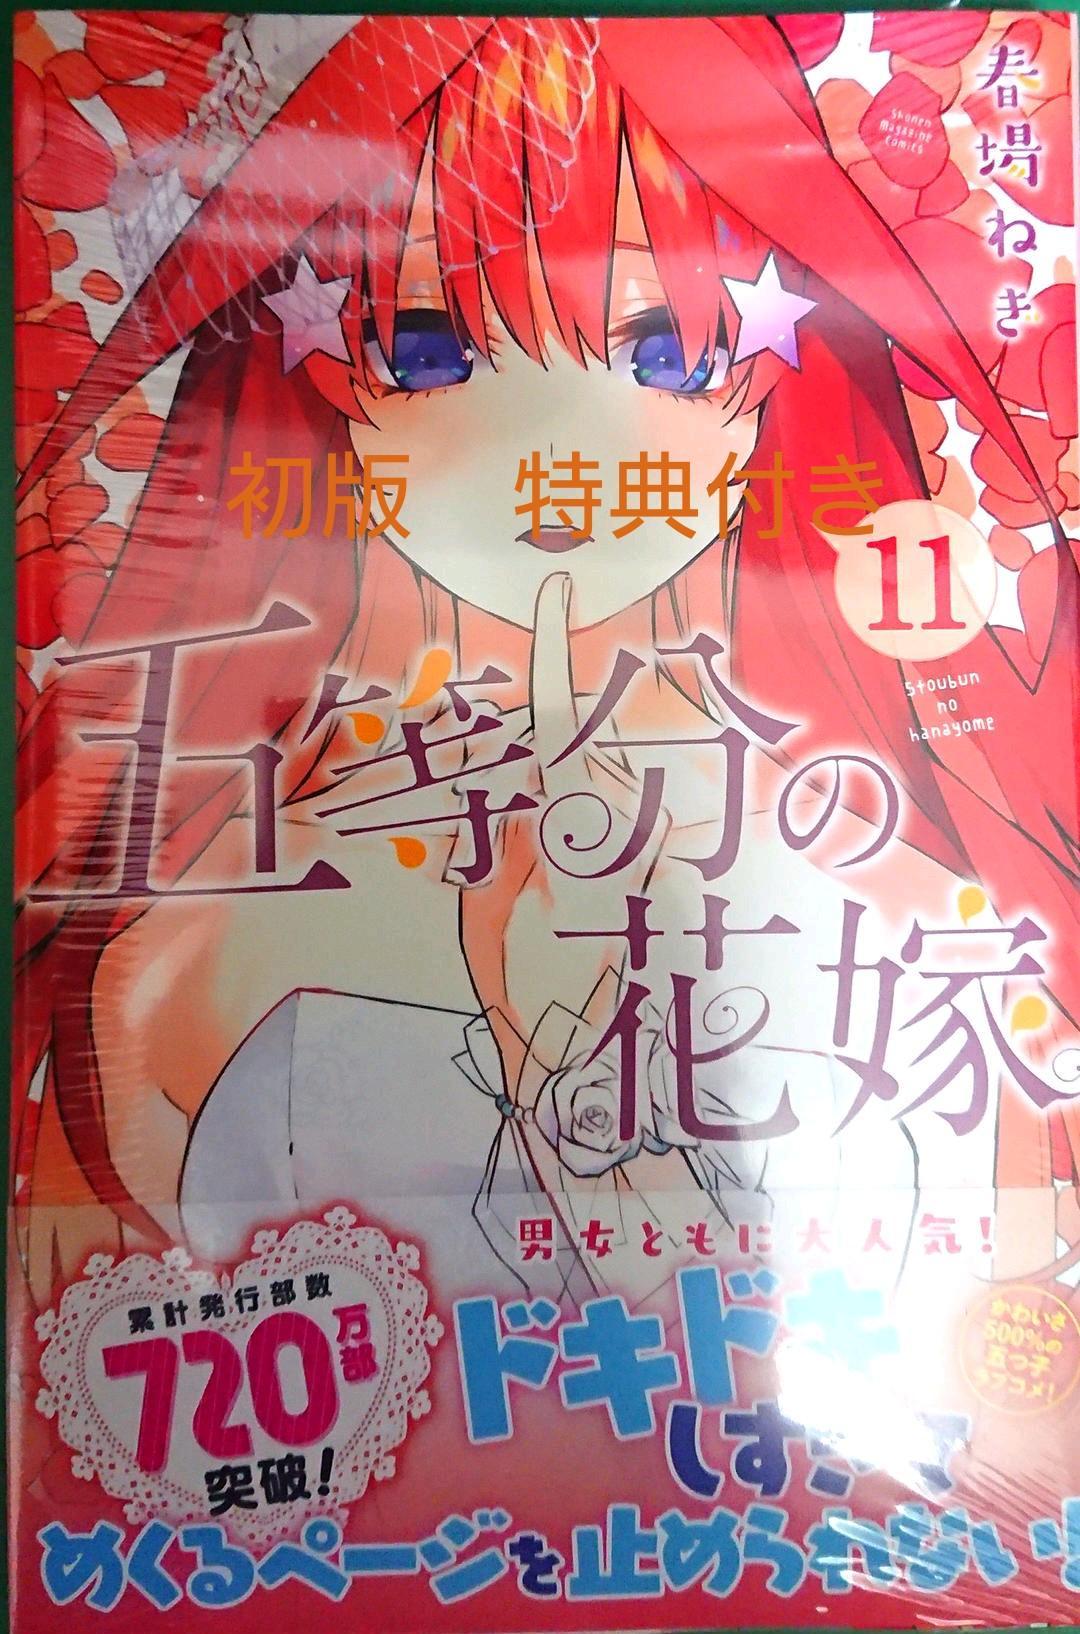 五 等 分 の 花嫁 漫画 11 巻